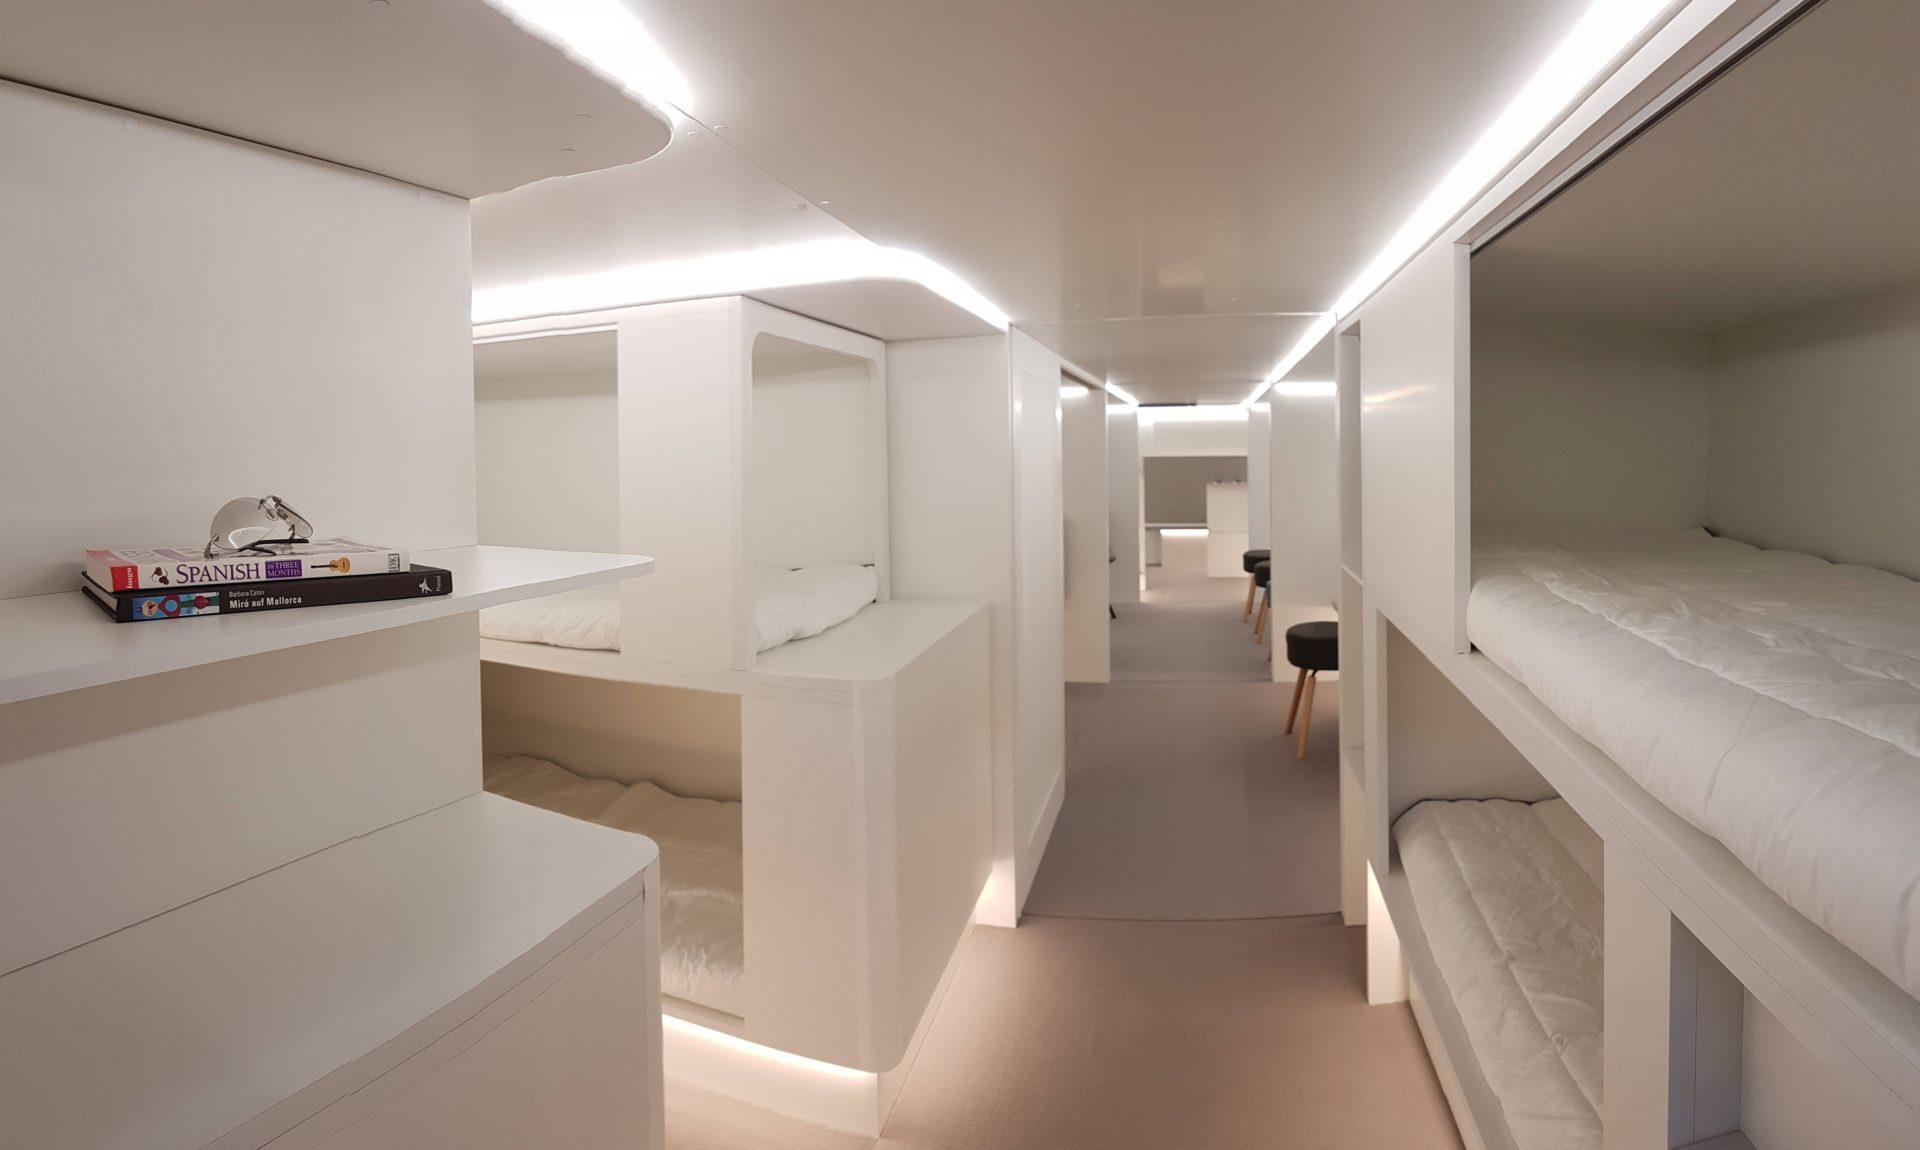 Airbus transportará passageiros no compartimento de carga